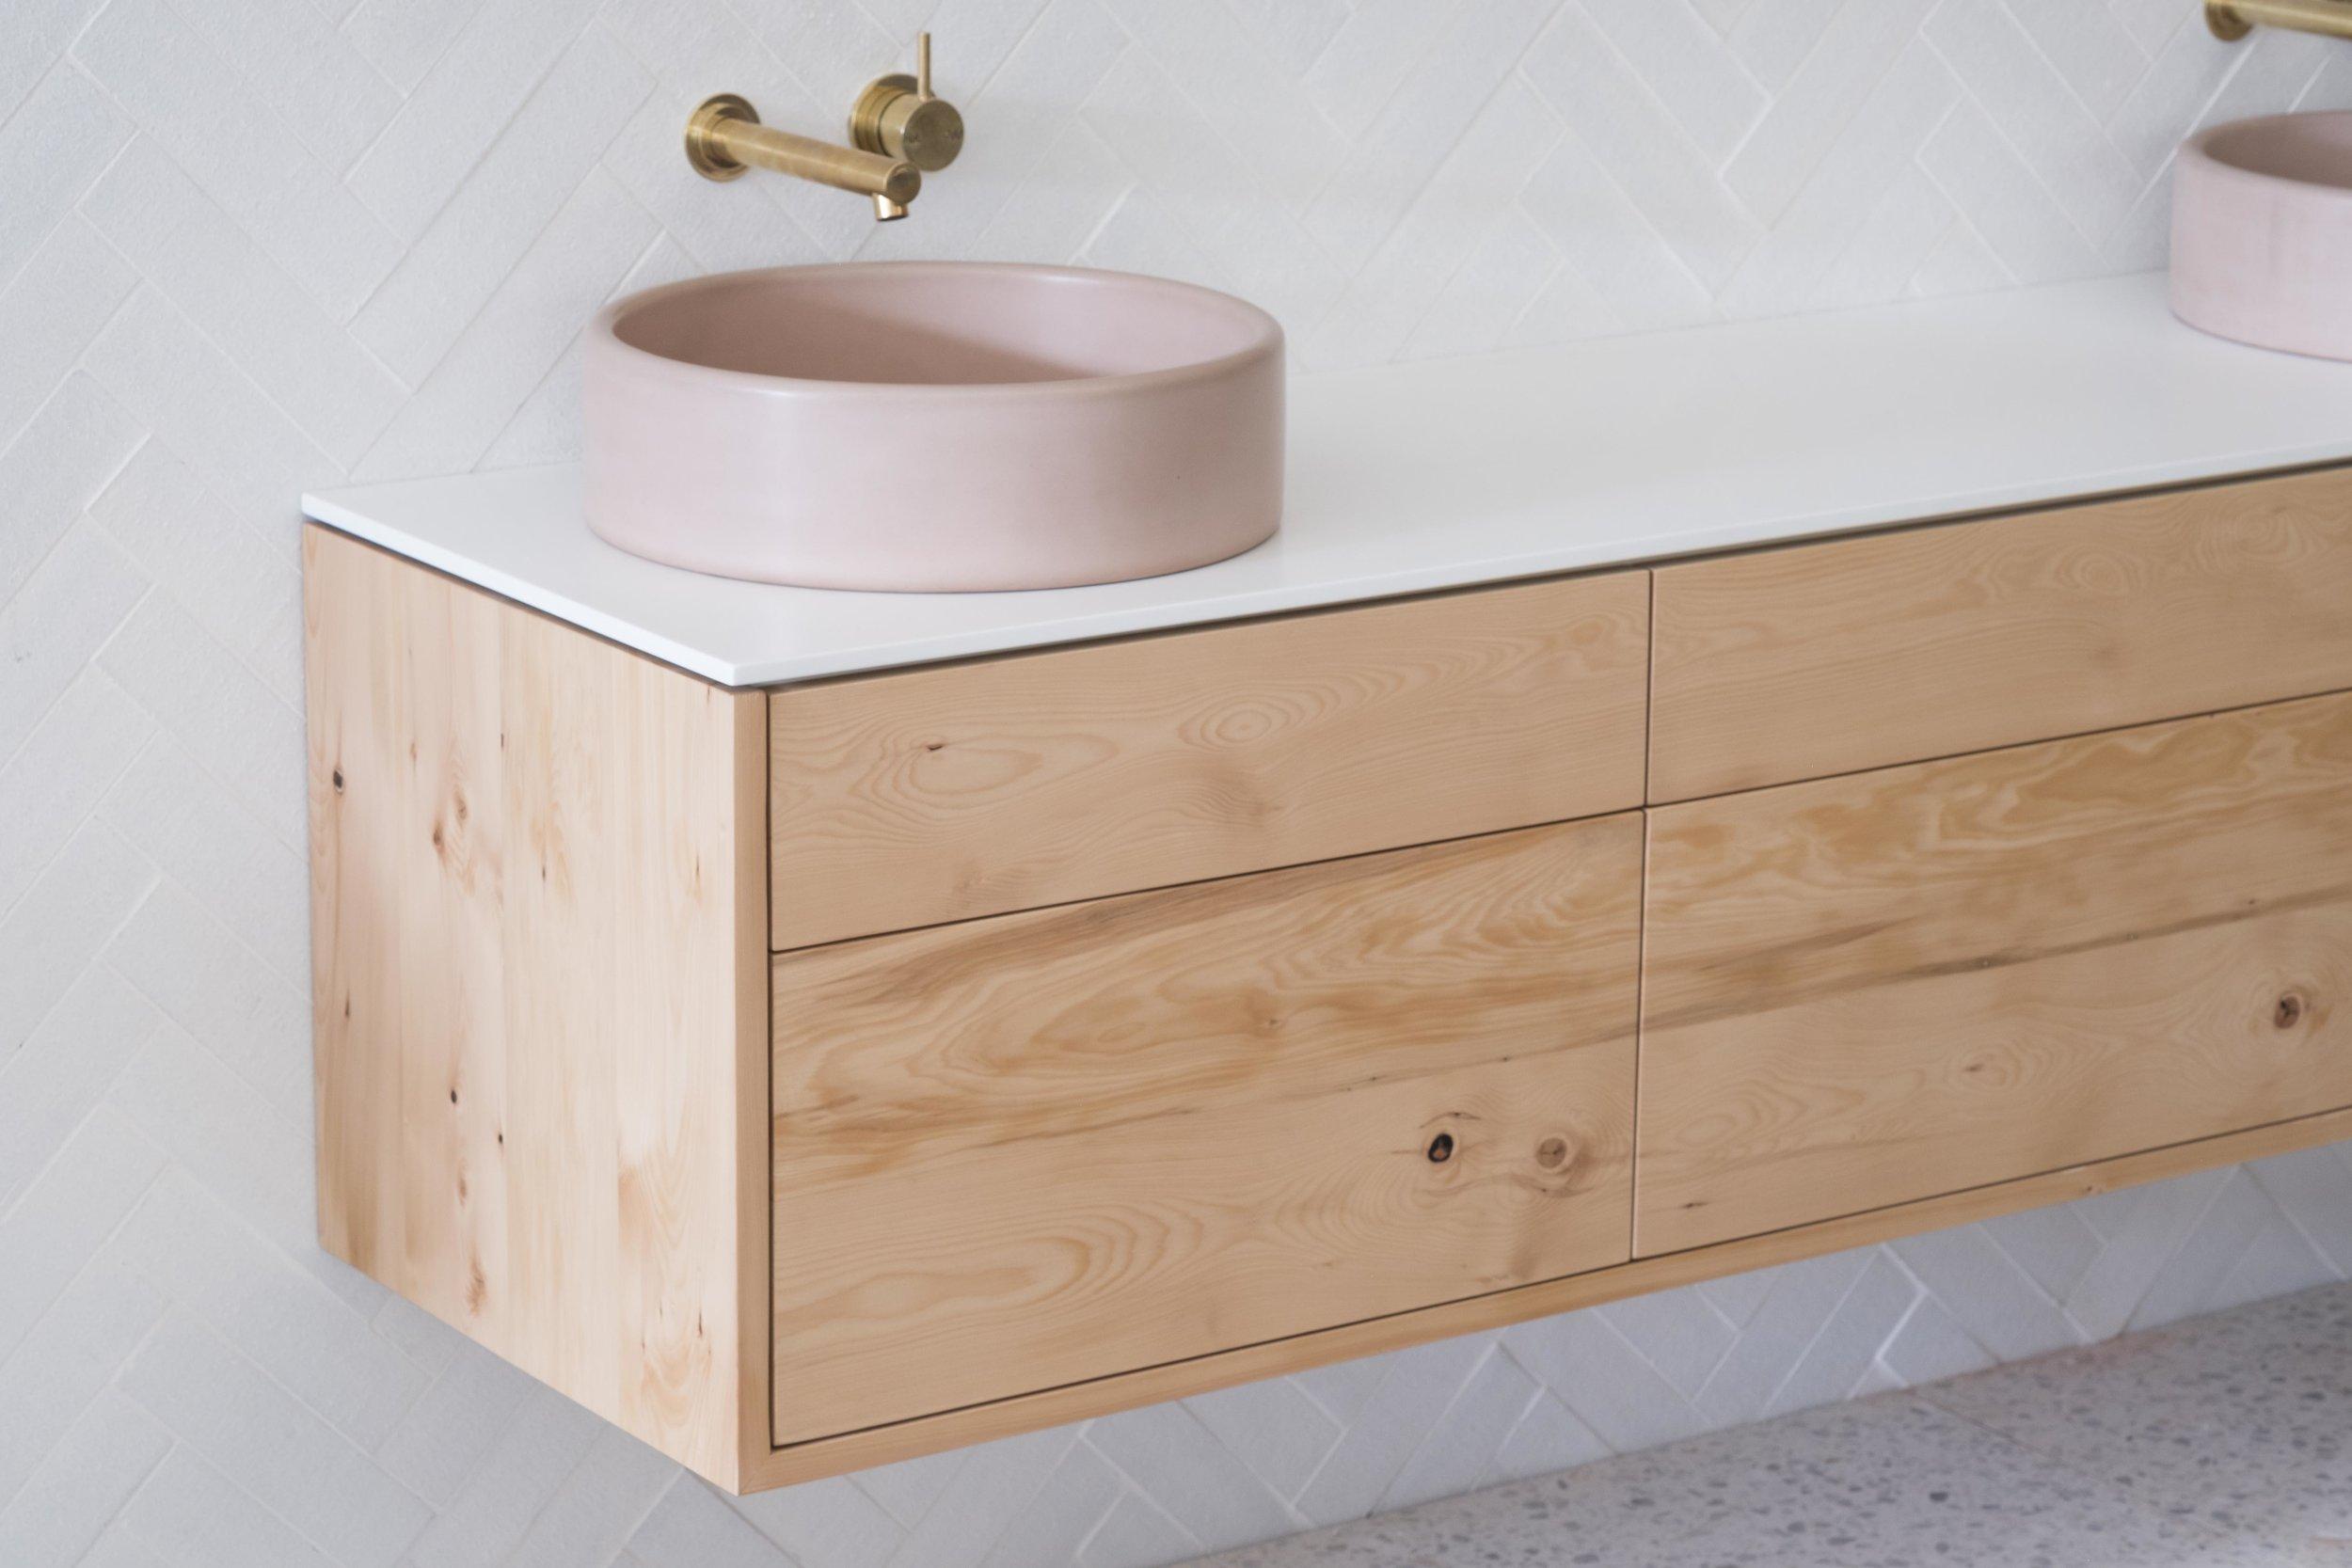 Stone Wood Bathroom Vanity Ingrain